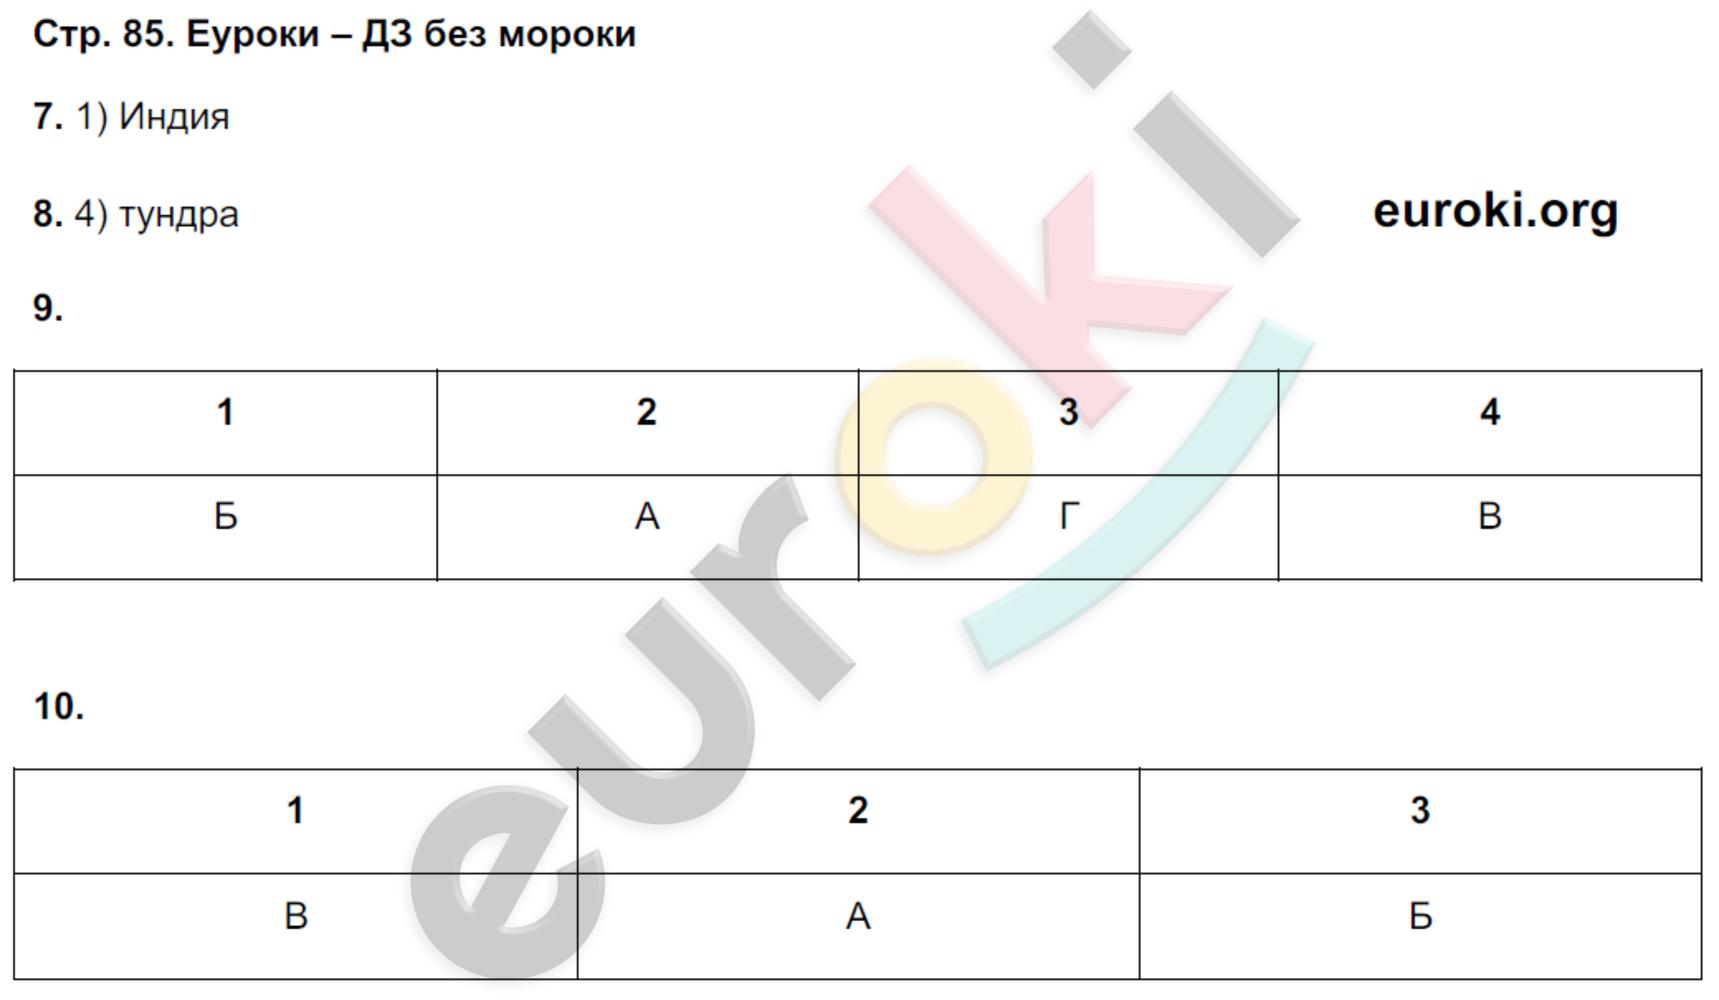 ГДЗ по географии 5 класс тетрадь экзаменатор Барабанов. Задание: стр. 85